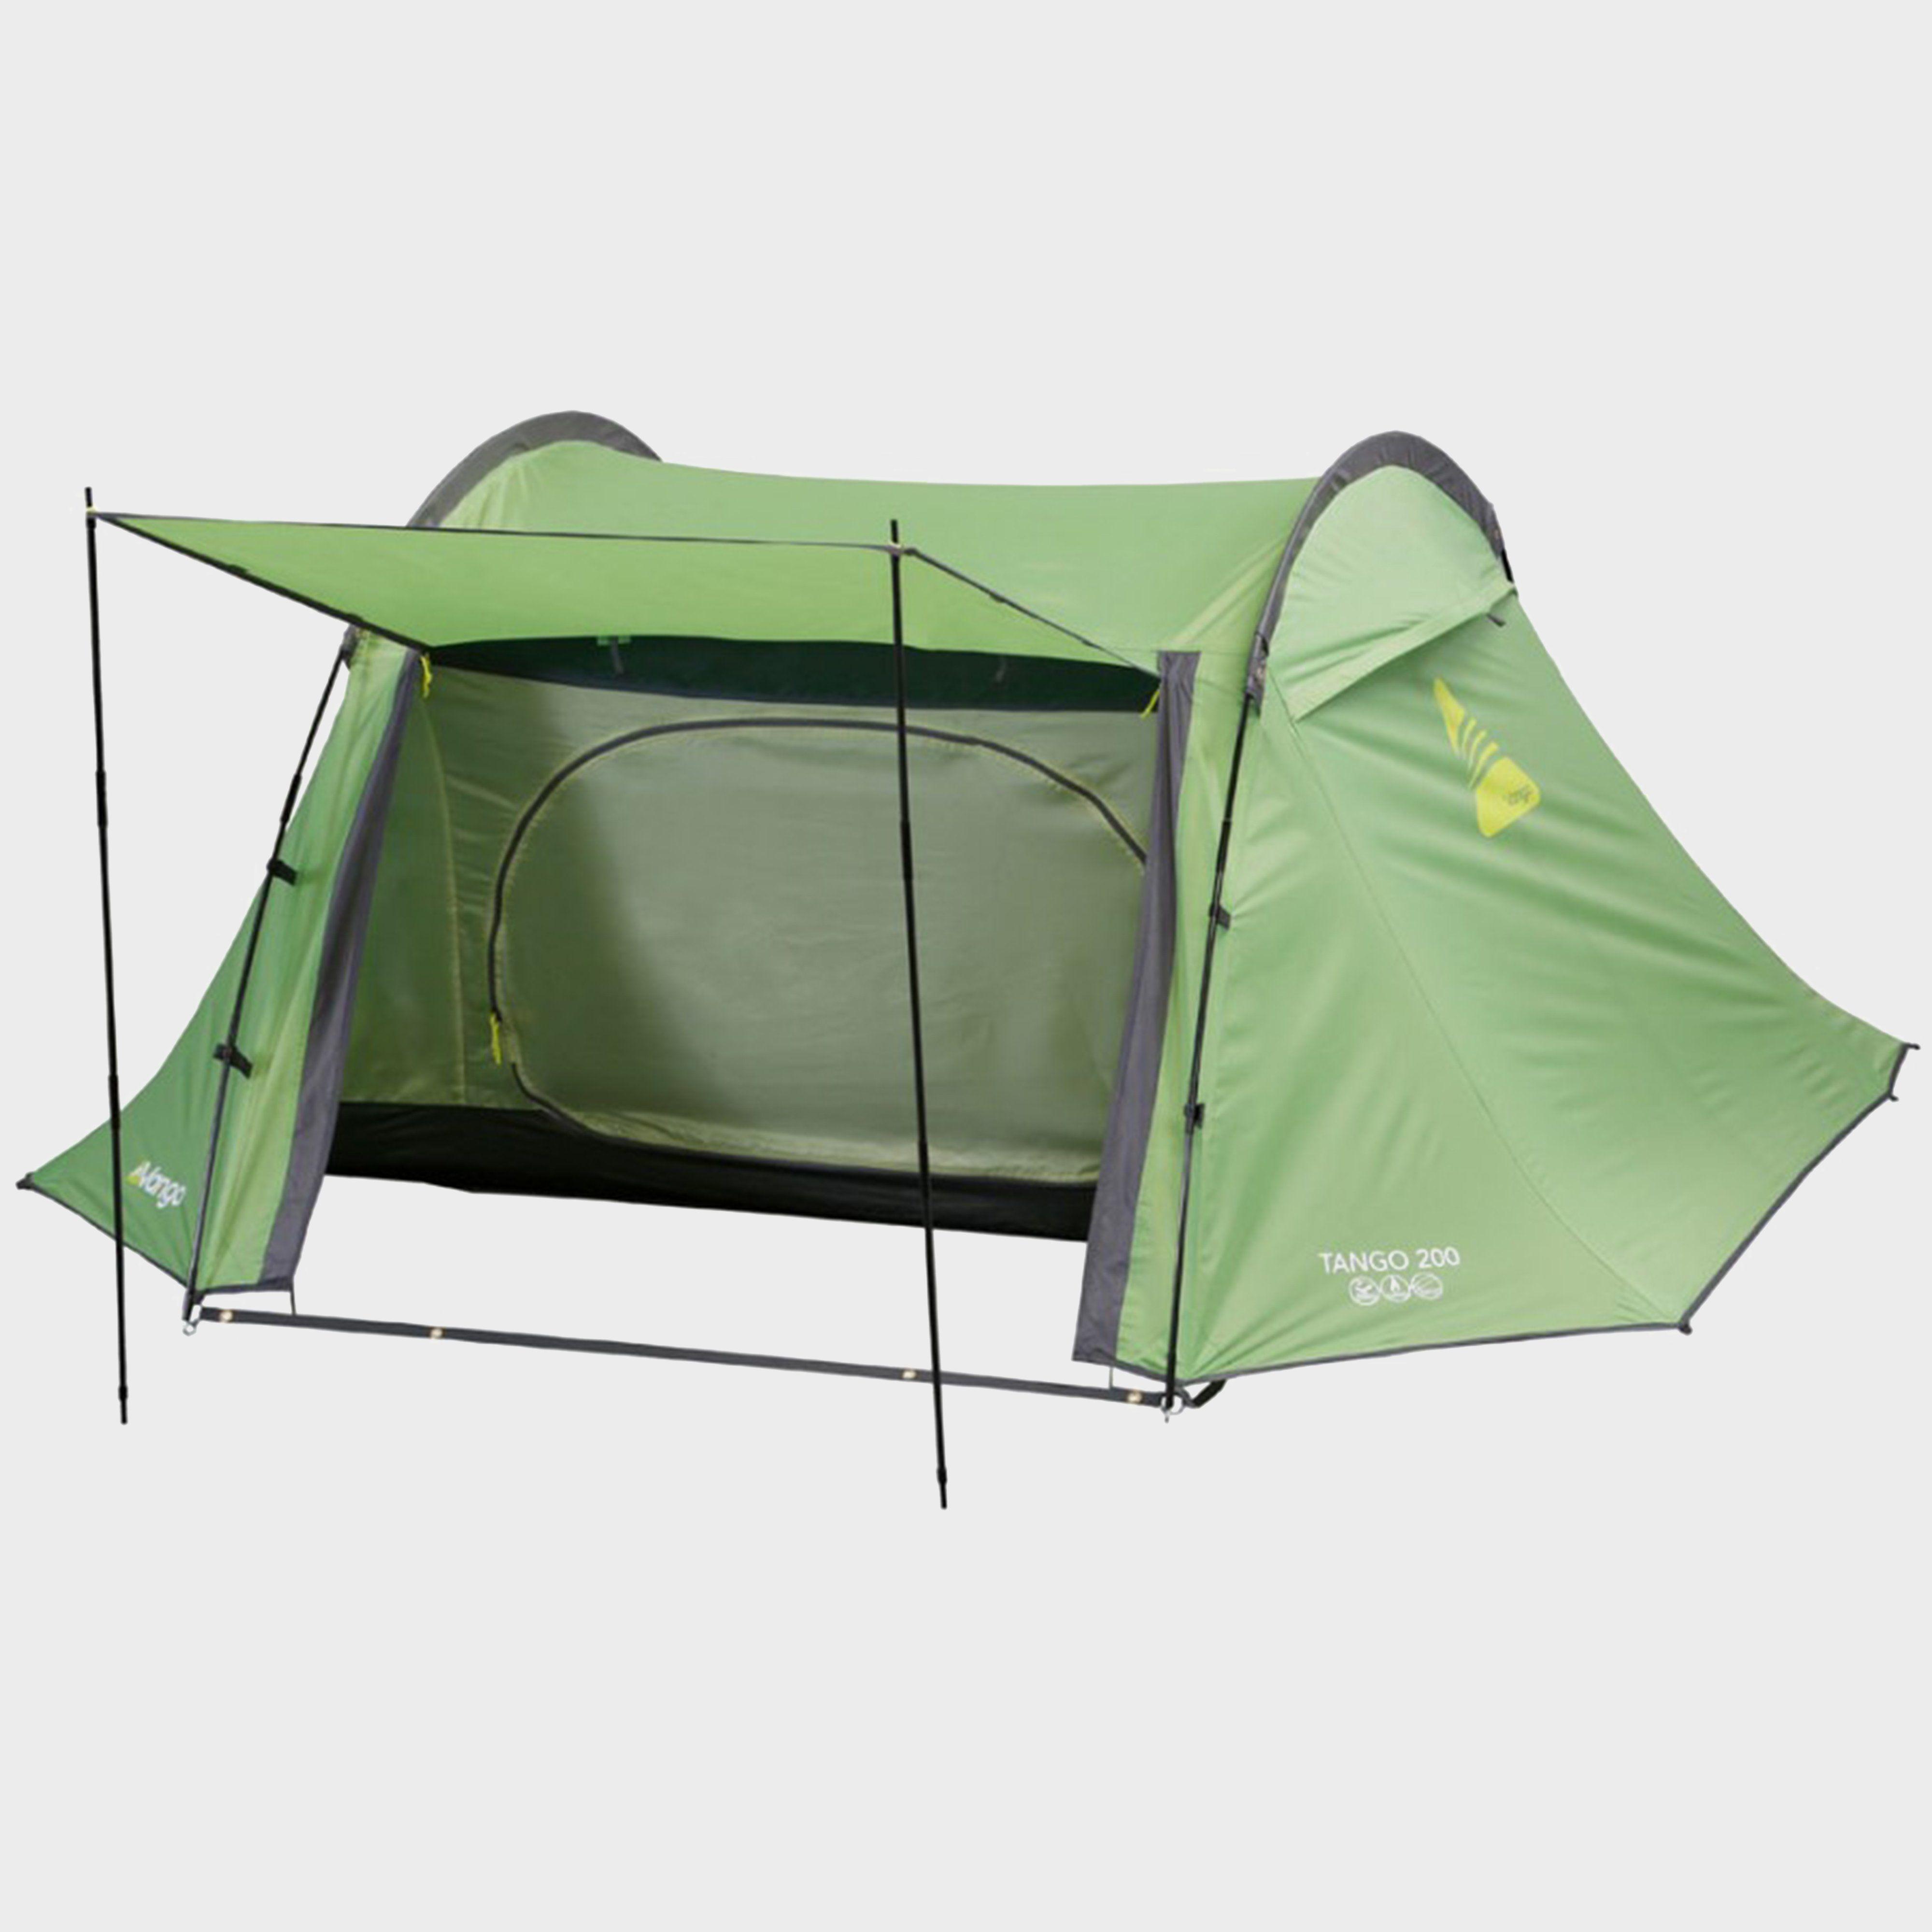 VANGO Tango 200 2 Person Tent